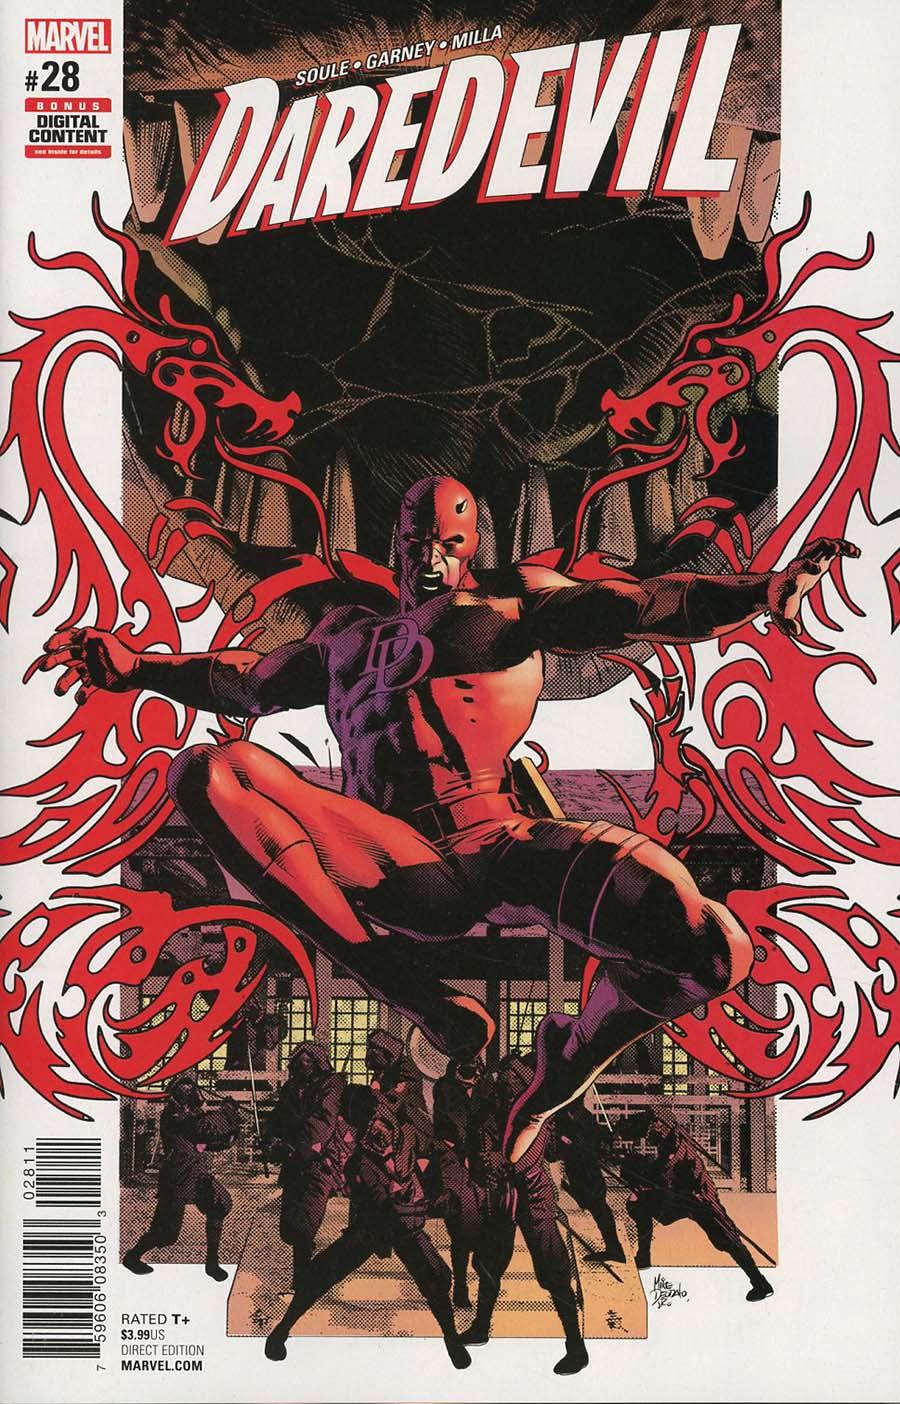 Daredevil Vol 5 #28